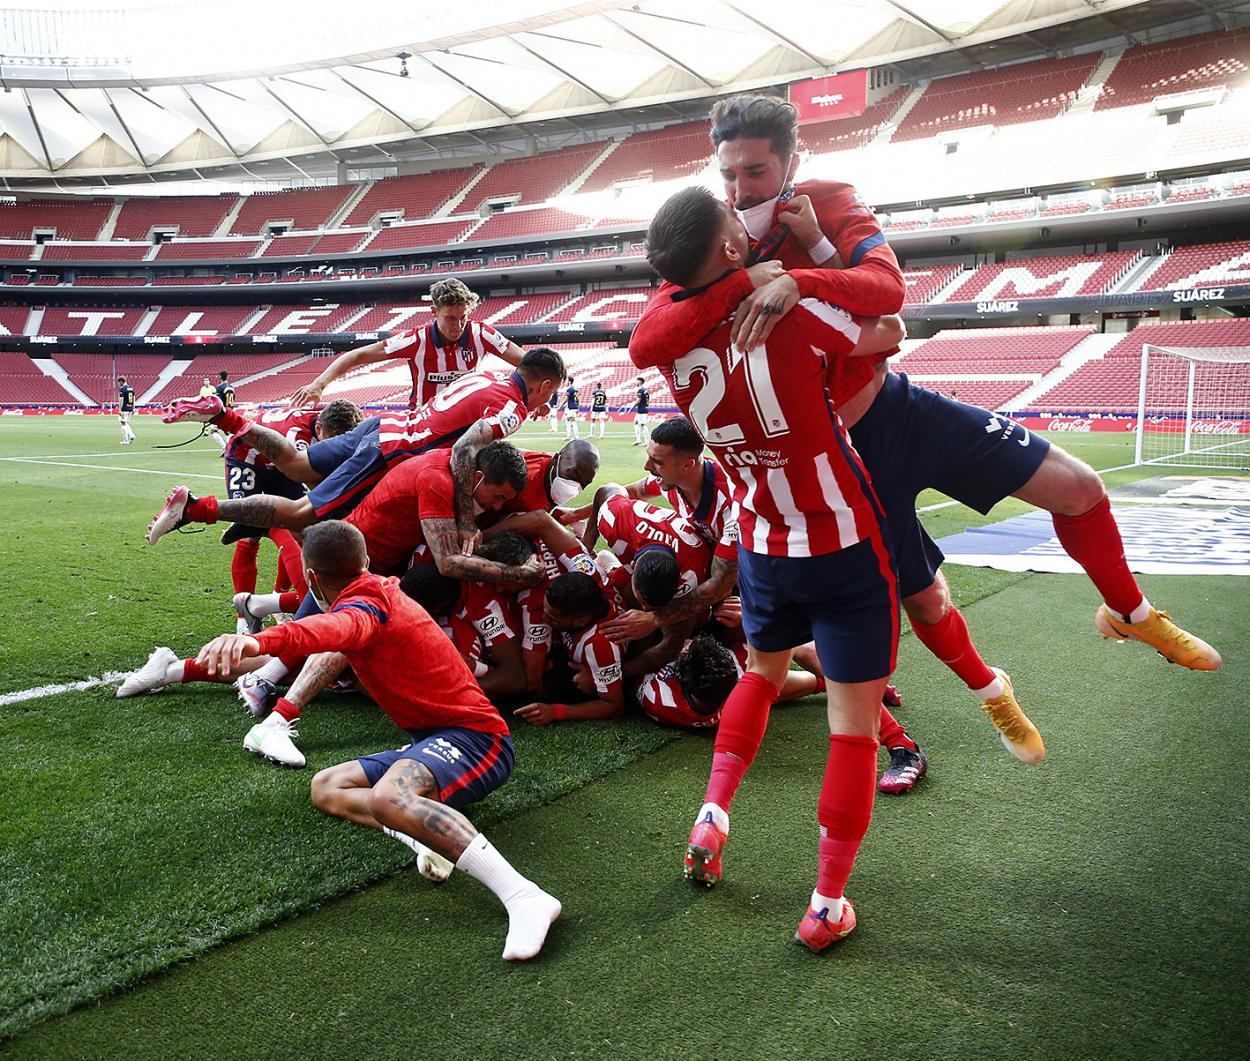 El Atlético de Madrid está a solo una victoria de consagrarse campeón. /Twitter: Atlético de Madrid oficial